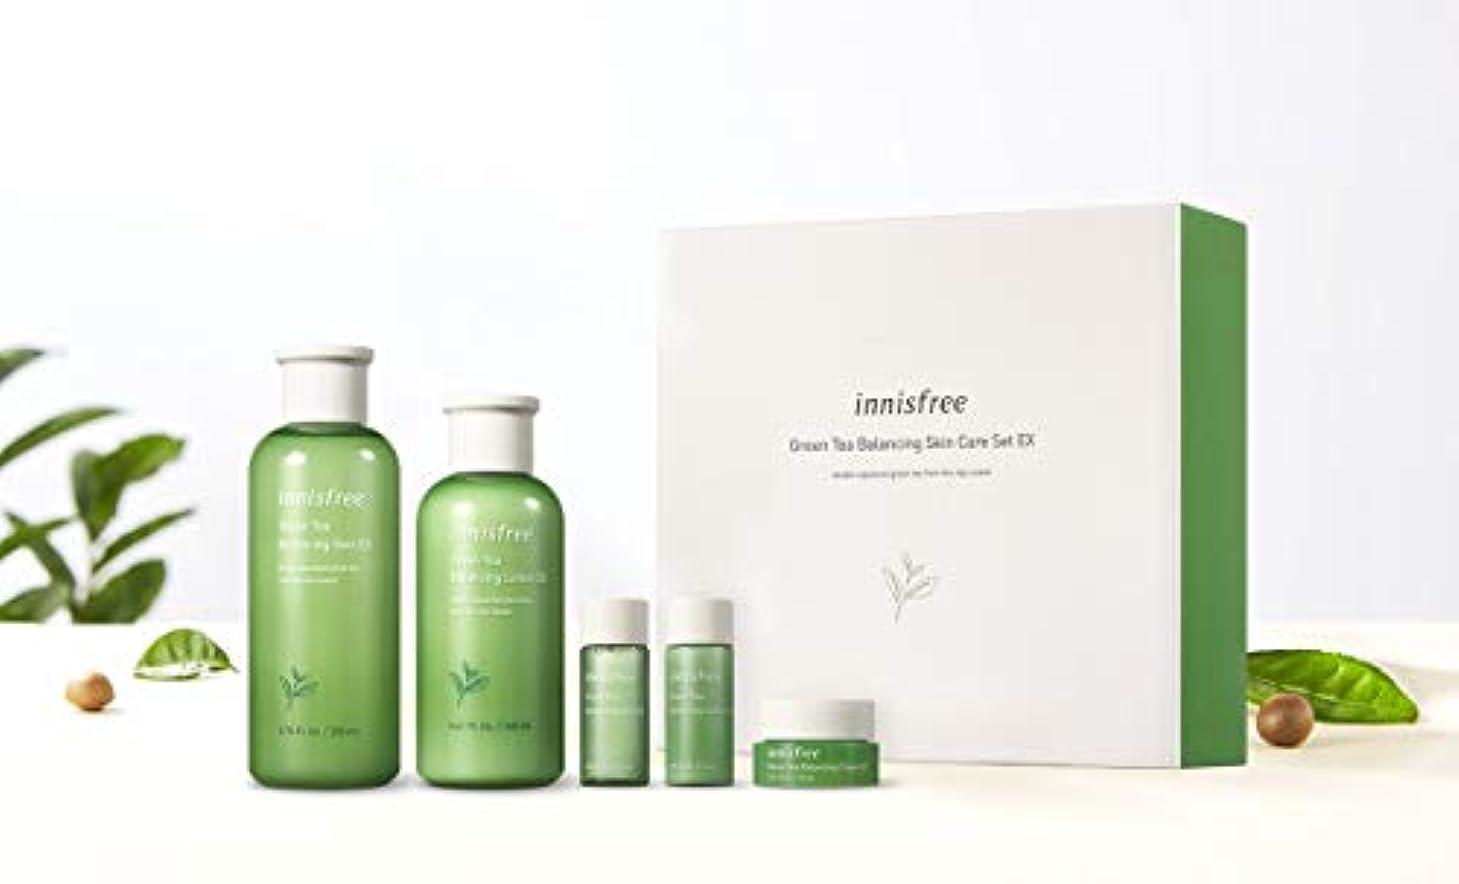 無力便利さピンクイニスフリーグリーンティーバランシングスキンケアセットの水分ケア韓国コスメ、innisfree Green Tea Balancing Skin Care Set Korean Cosmetics [並行輸入品]